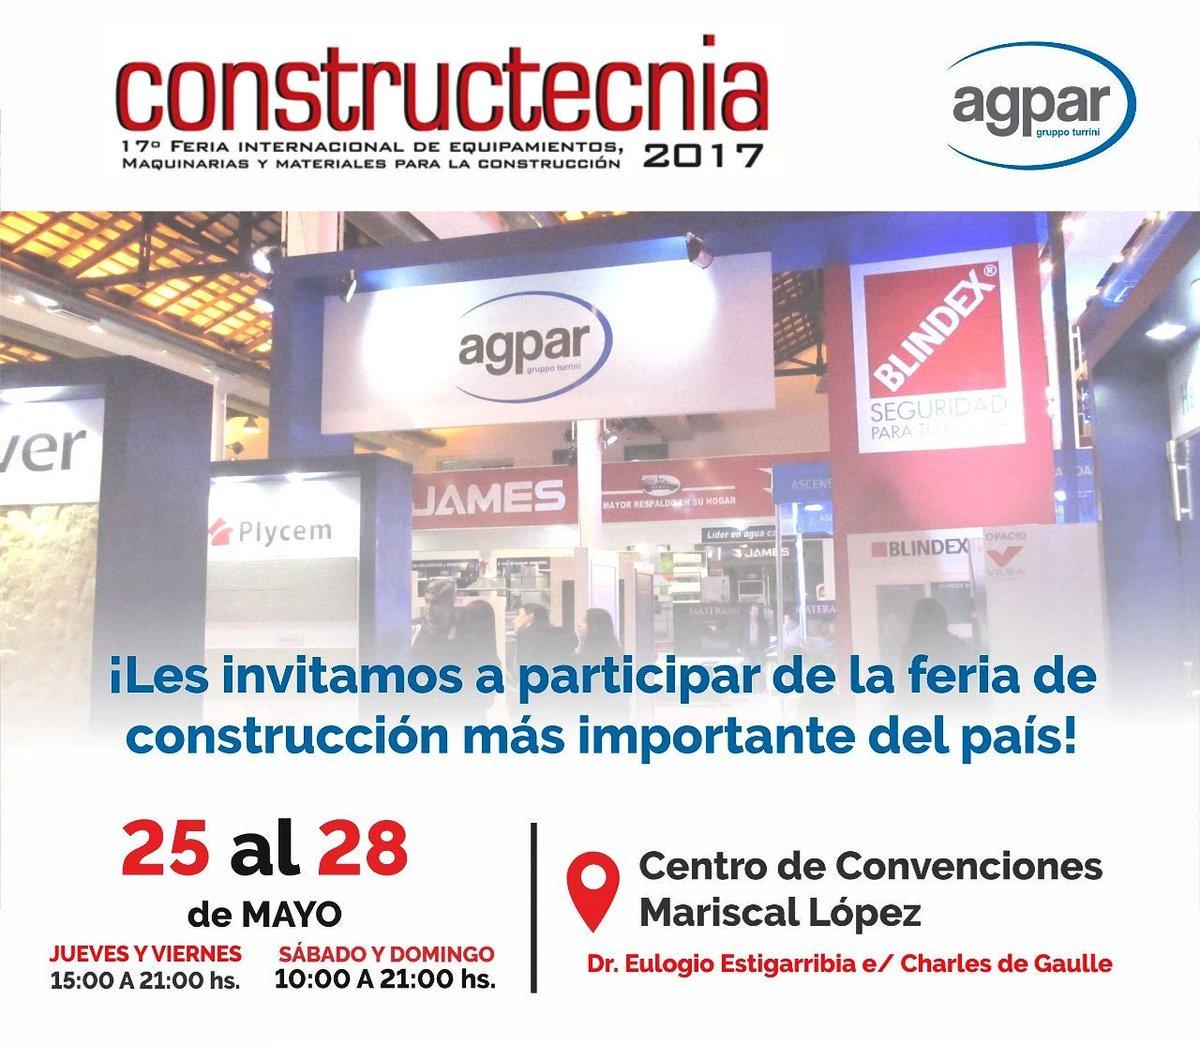 Participá con nosotros de CONSTRUCTECNIA 2017🏢🔨🔧 #AGPARPY #Constructecnia #Constructecnia2017 https://t.co/bJAhxWlBBv